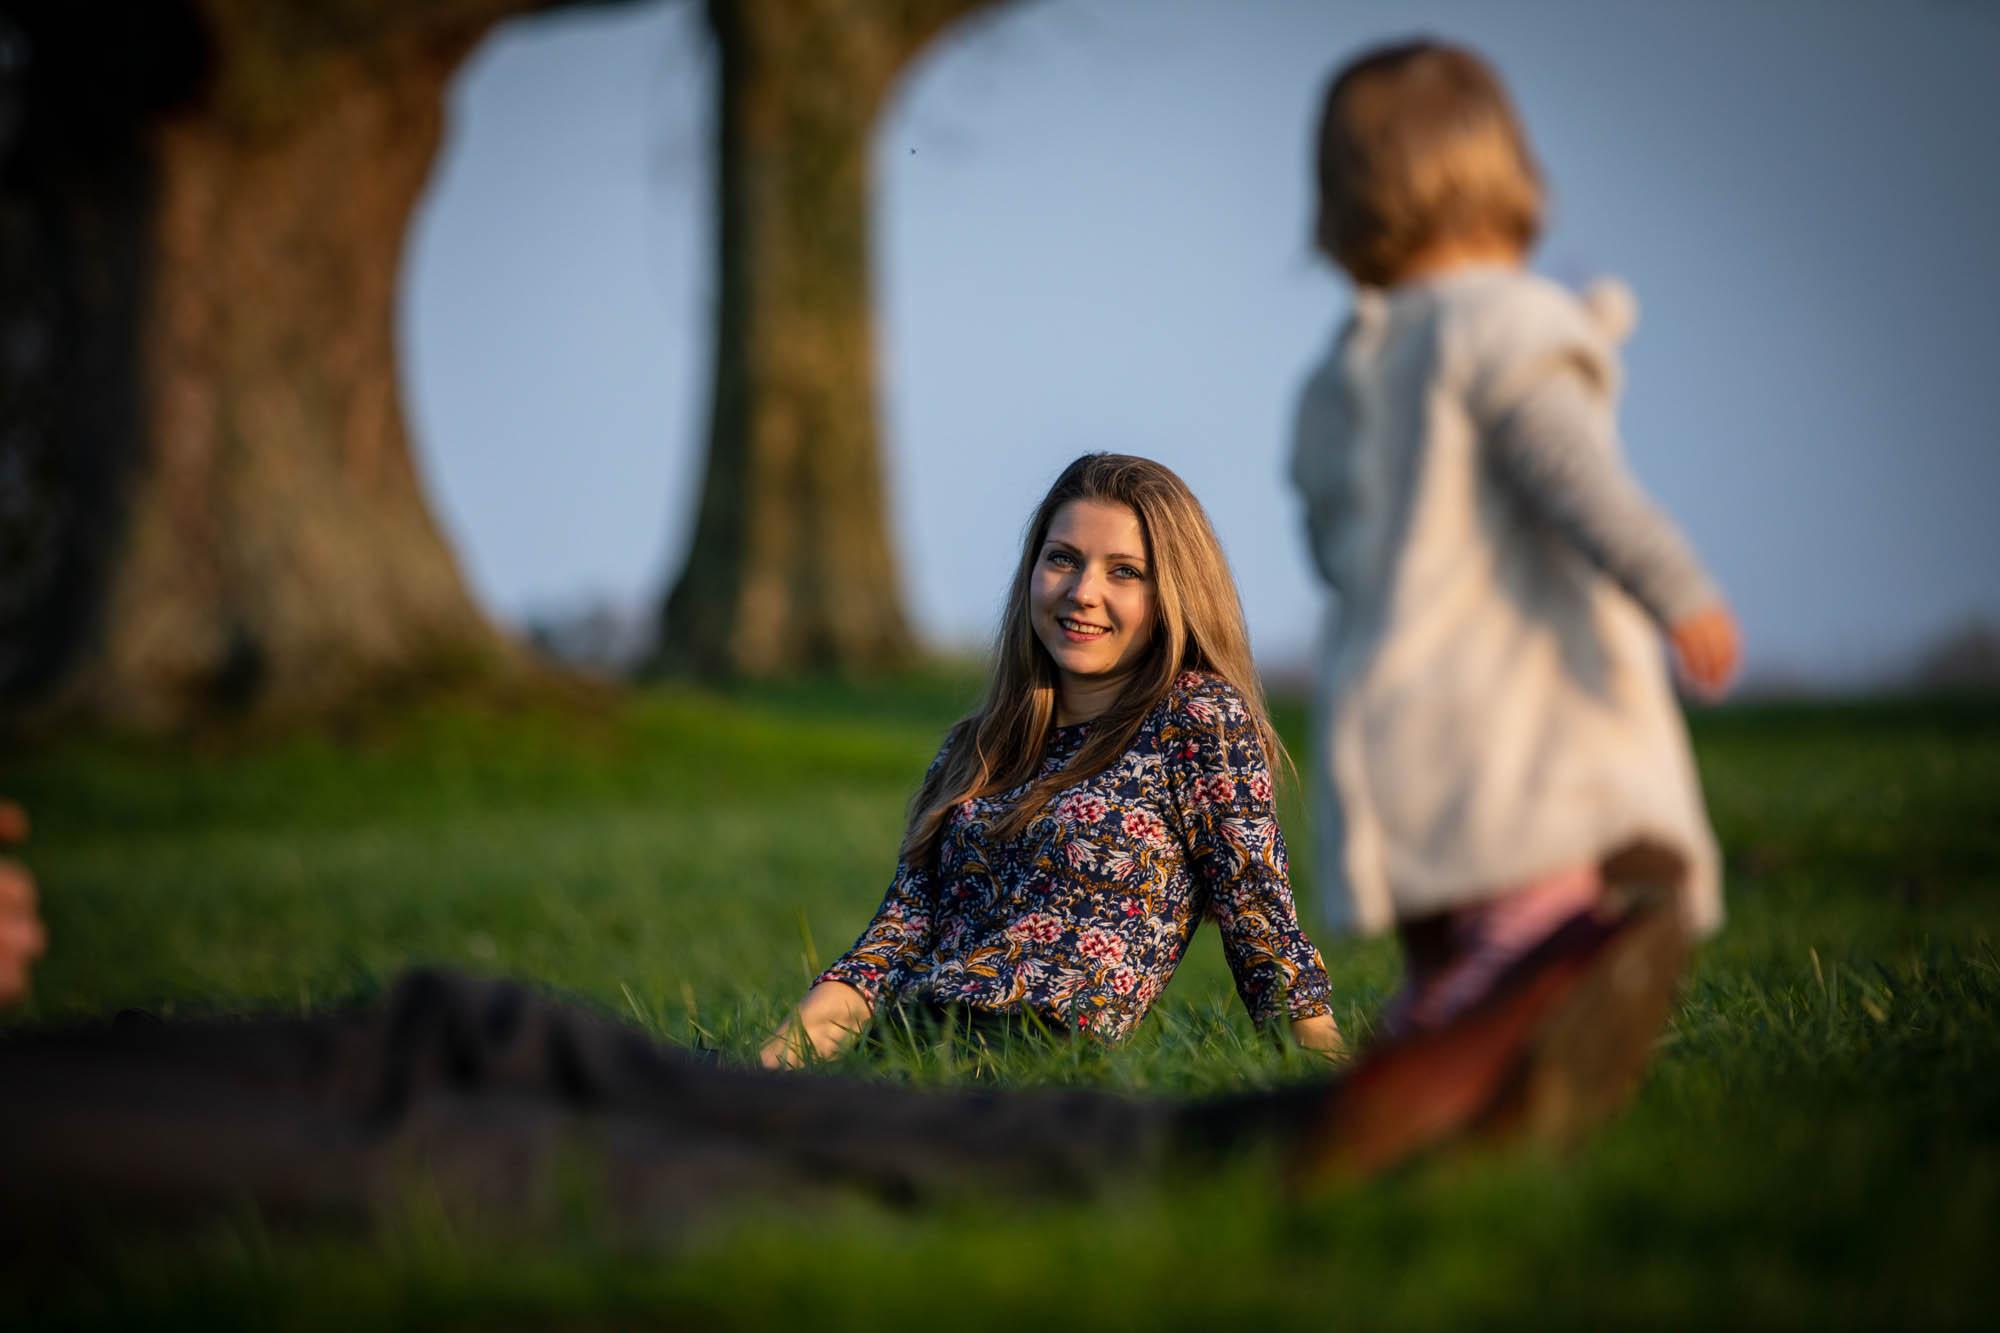 Fotoshoot in een park in Den Bosch.